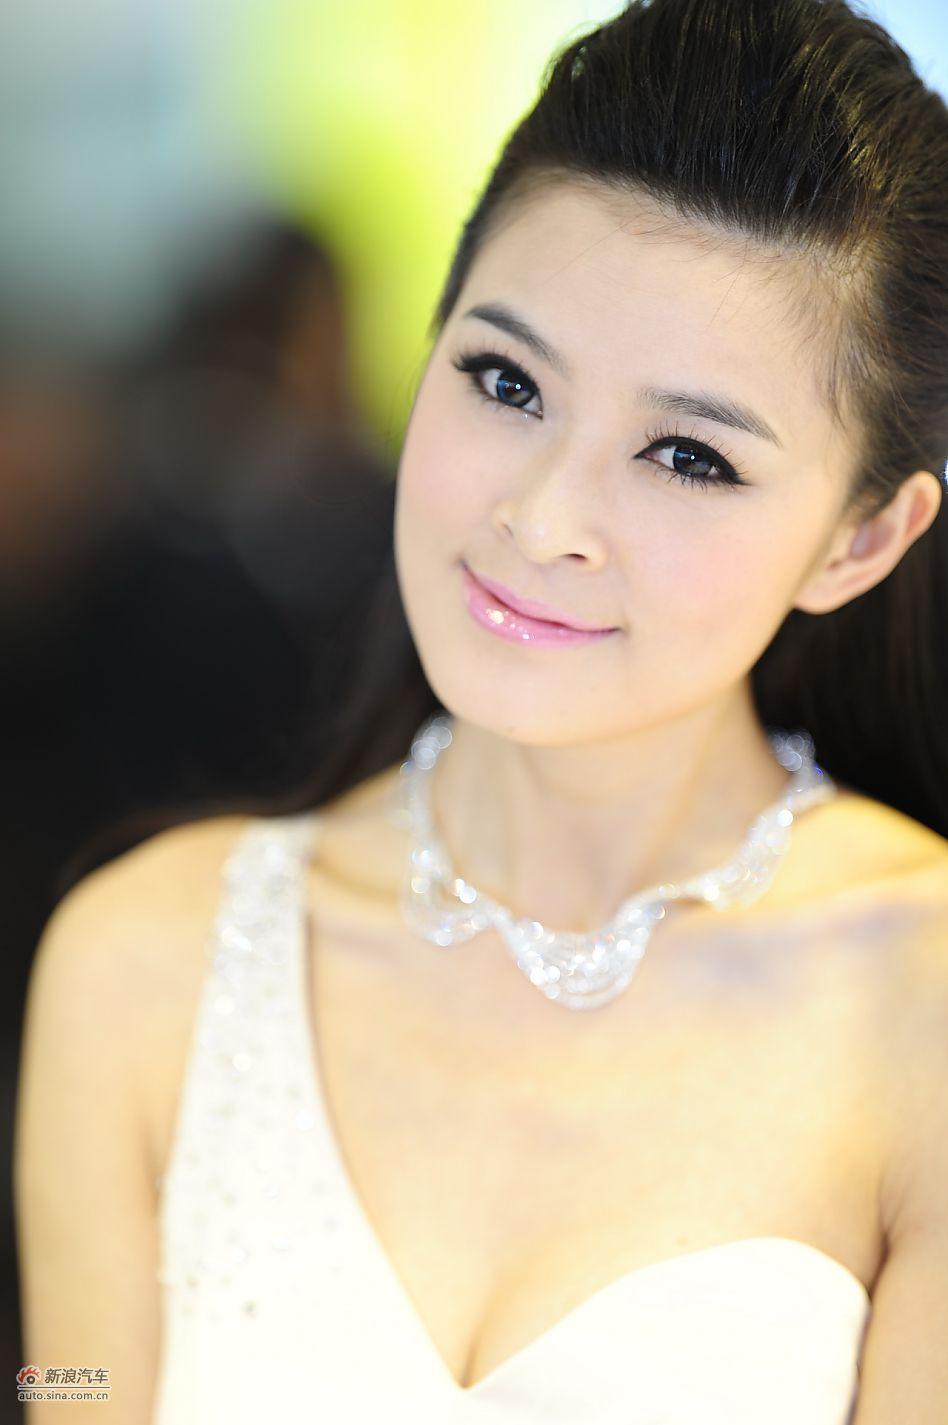 2011上海车展车模美女高清第一辑_5243637_触摸美女3图片